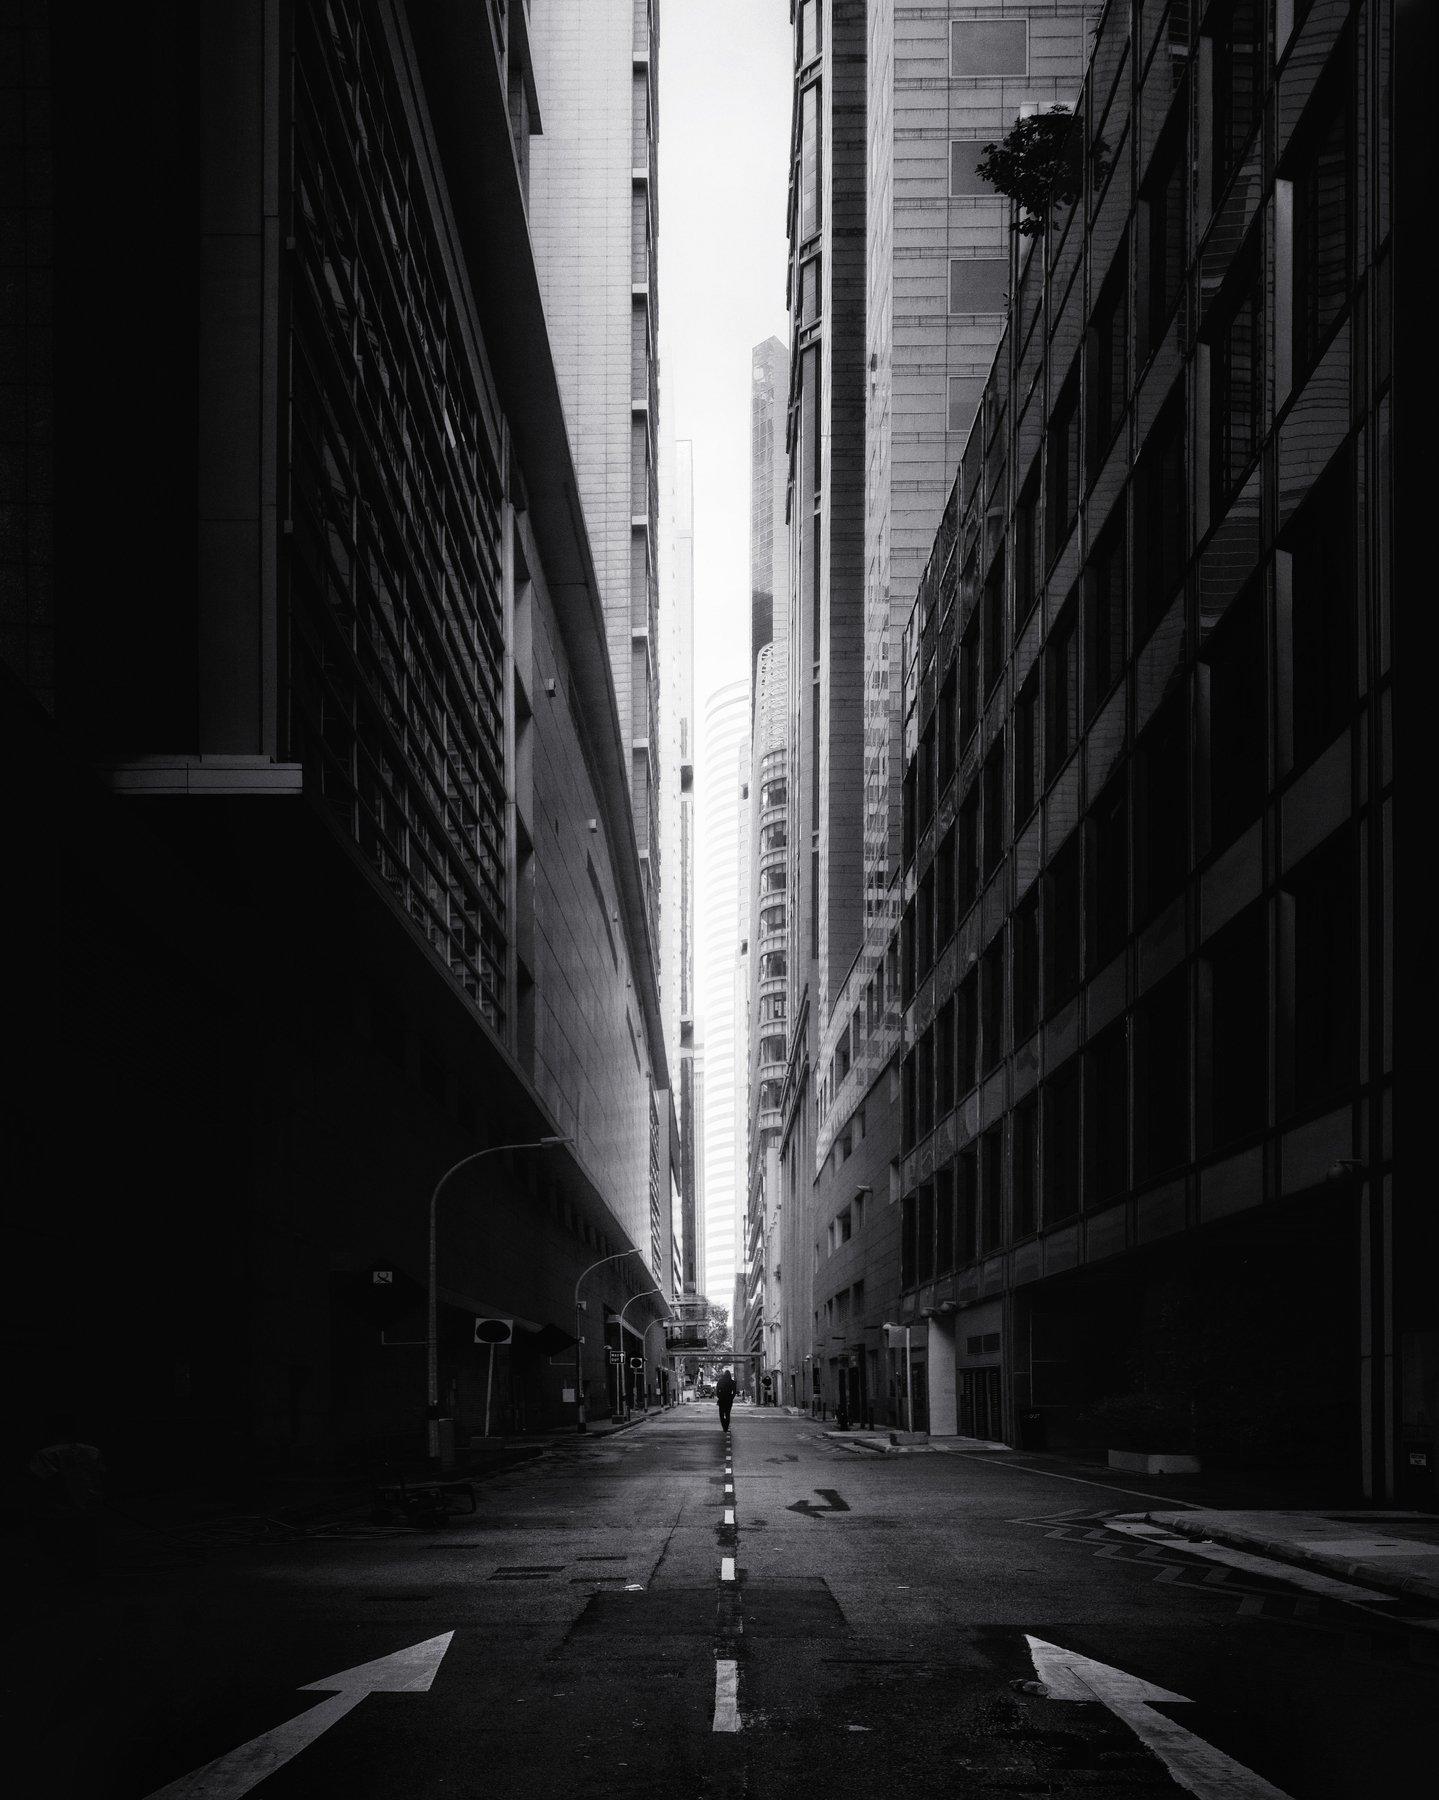 город, архитектура, черное-белое, мегаполис, сингапур, Алексей Ермаков